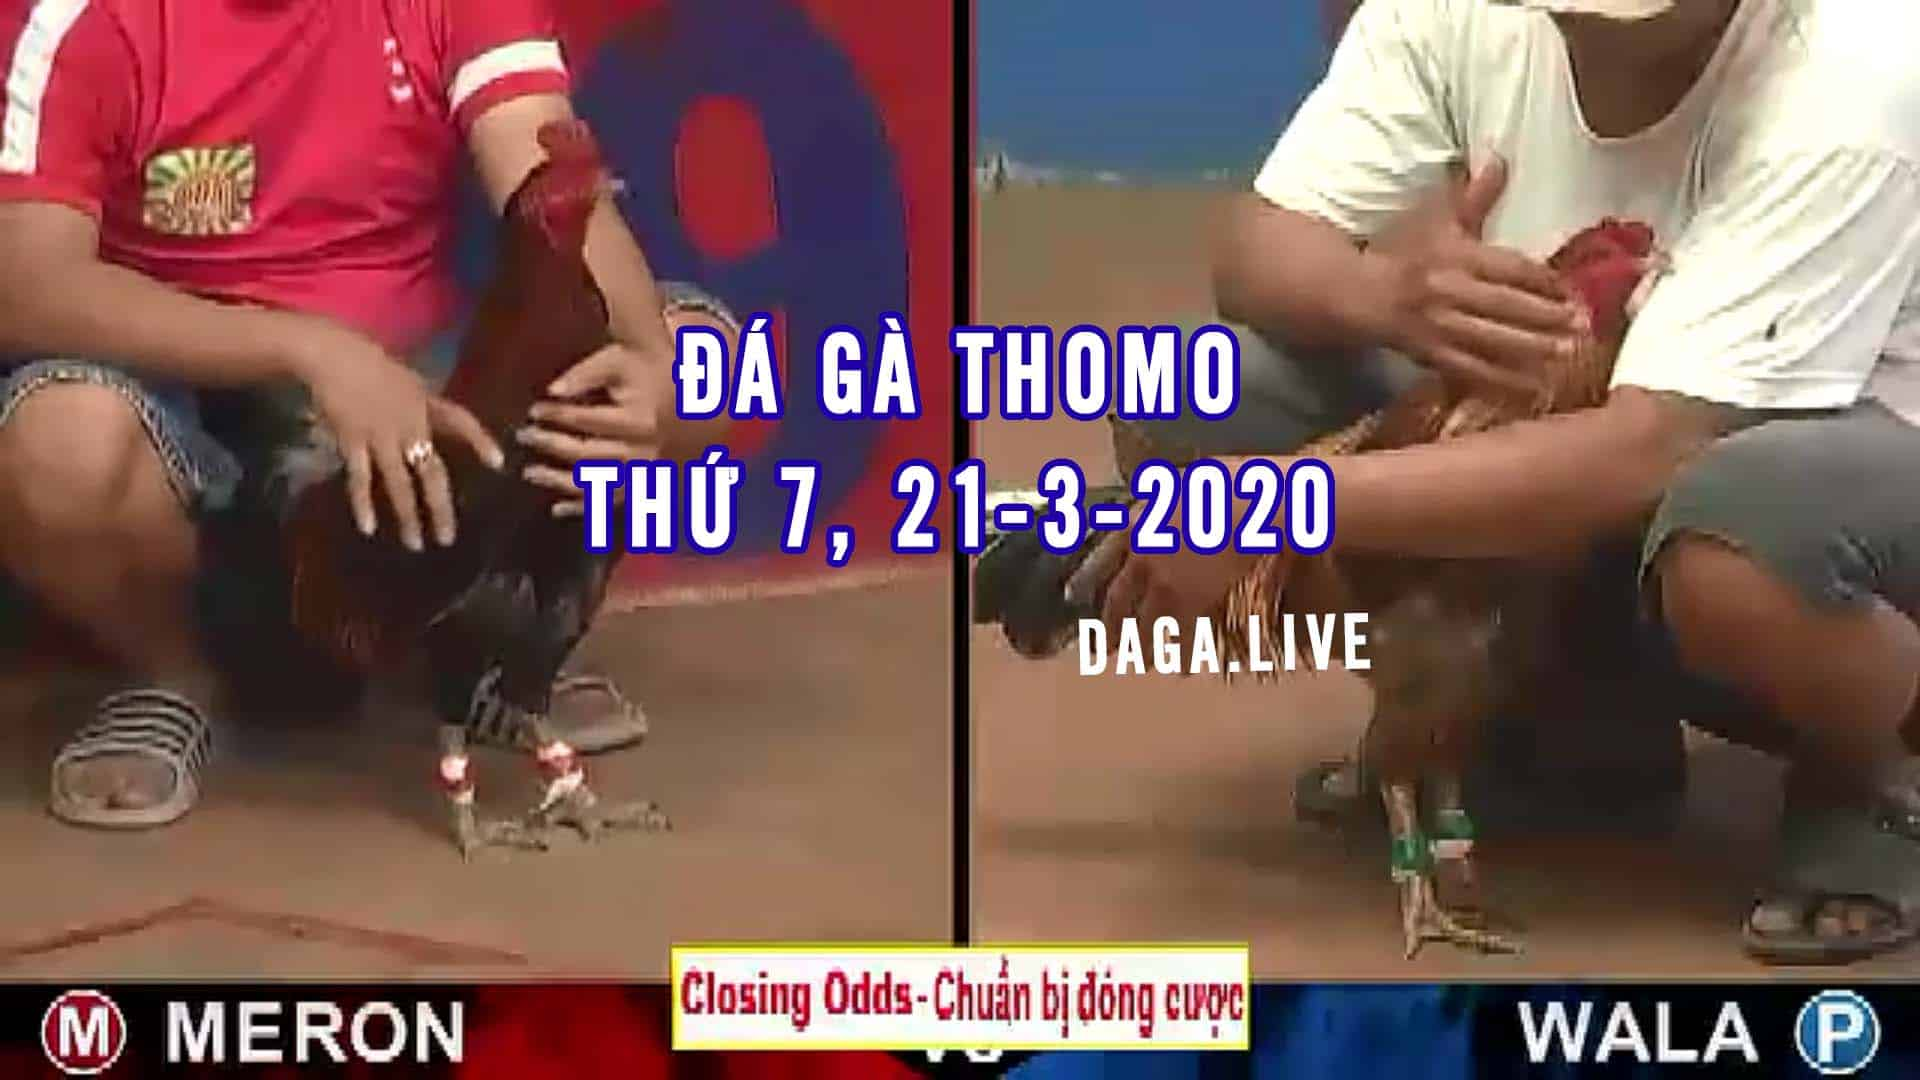 DAGA.LIVE - Đá gà thomo hôm nay, đá gà campuchia, đá gà cựa sắt, đá gà trực tiếp thứ 7 ngày 21-3-2020